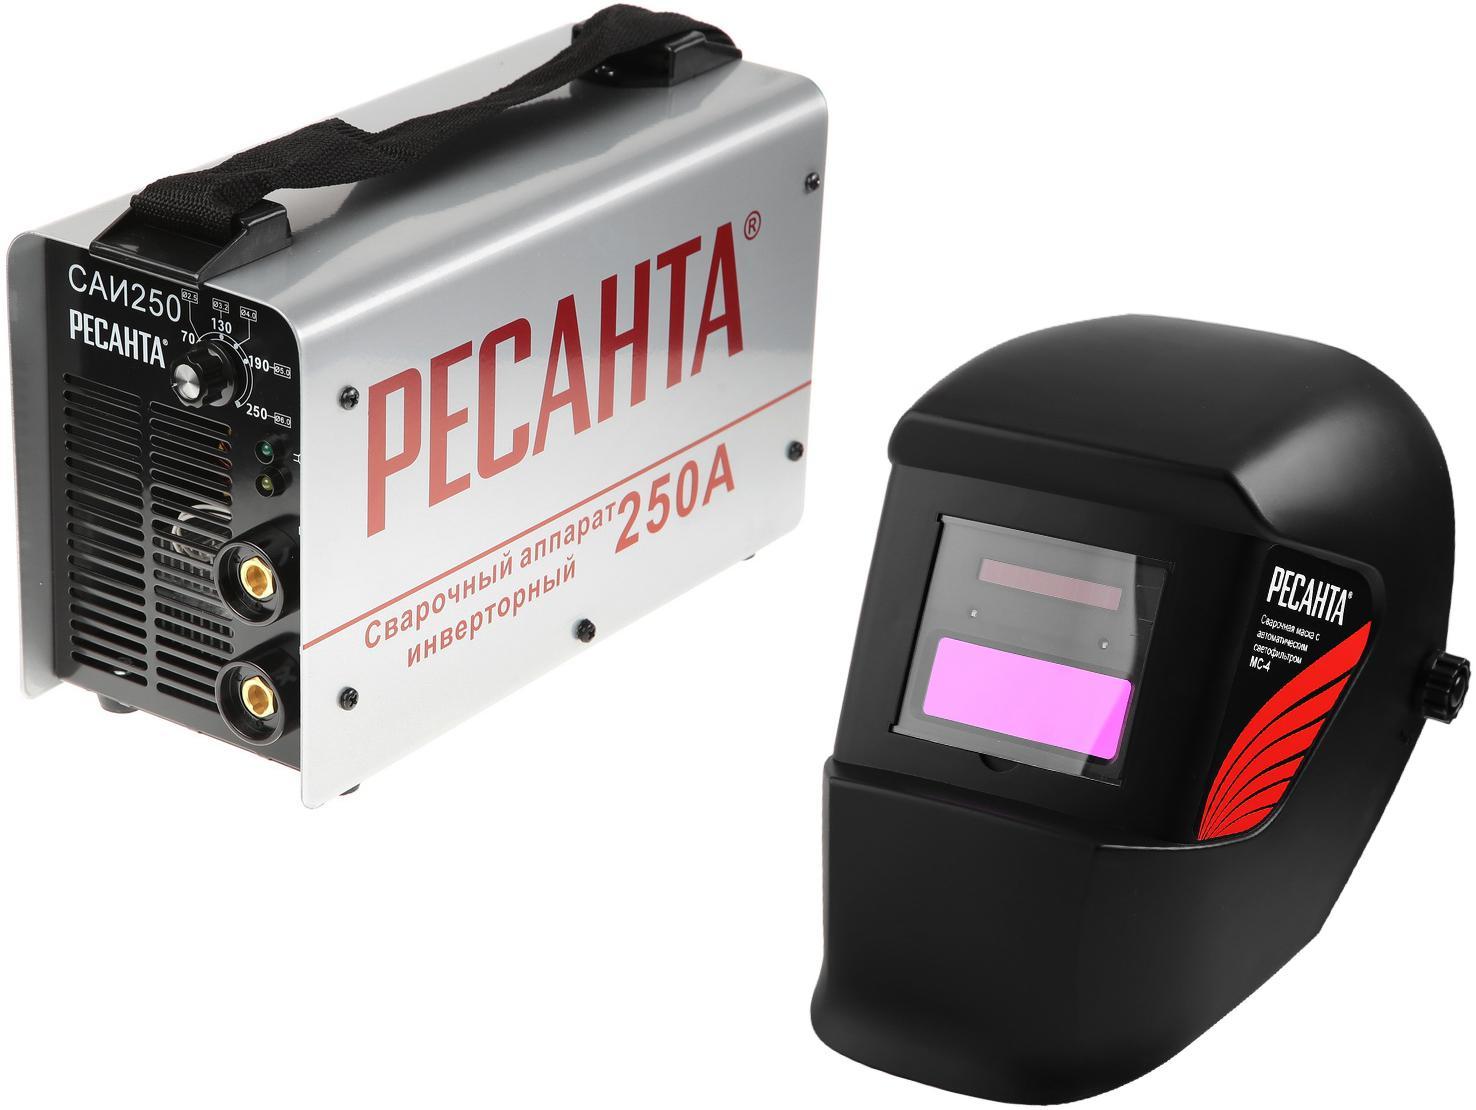 Набор РЕСАНТА Сварочный аппарат Инвертор сварочный САИ 250 в кейсе +Маска МС-4 набор ресанта сварочный аппарат инвертор сварочный саи 250 в кейсе маска мс 4 электроды для сварки мр 3 ф3 0 1кг